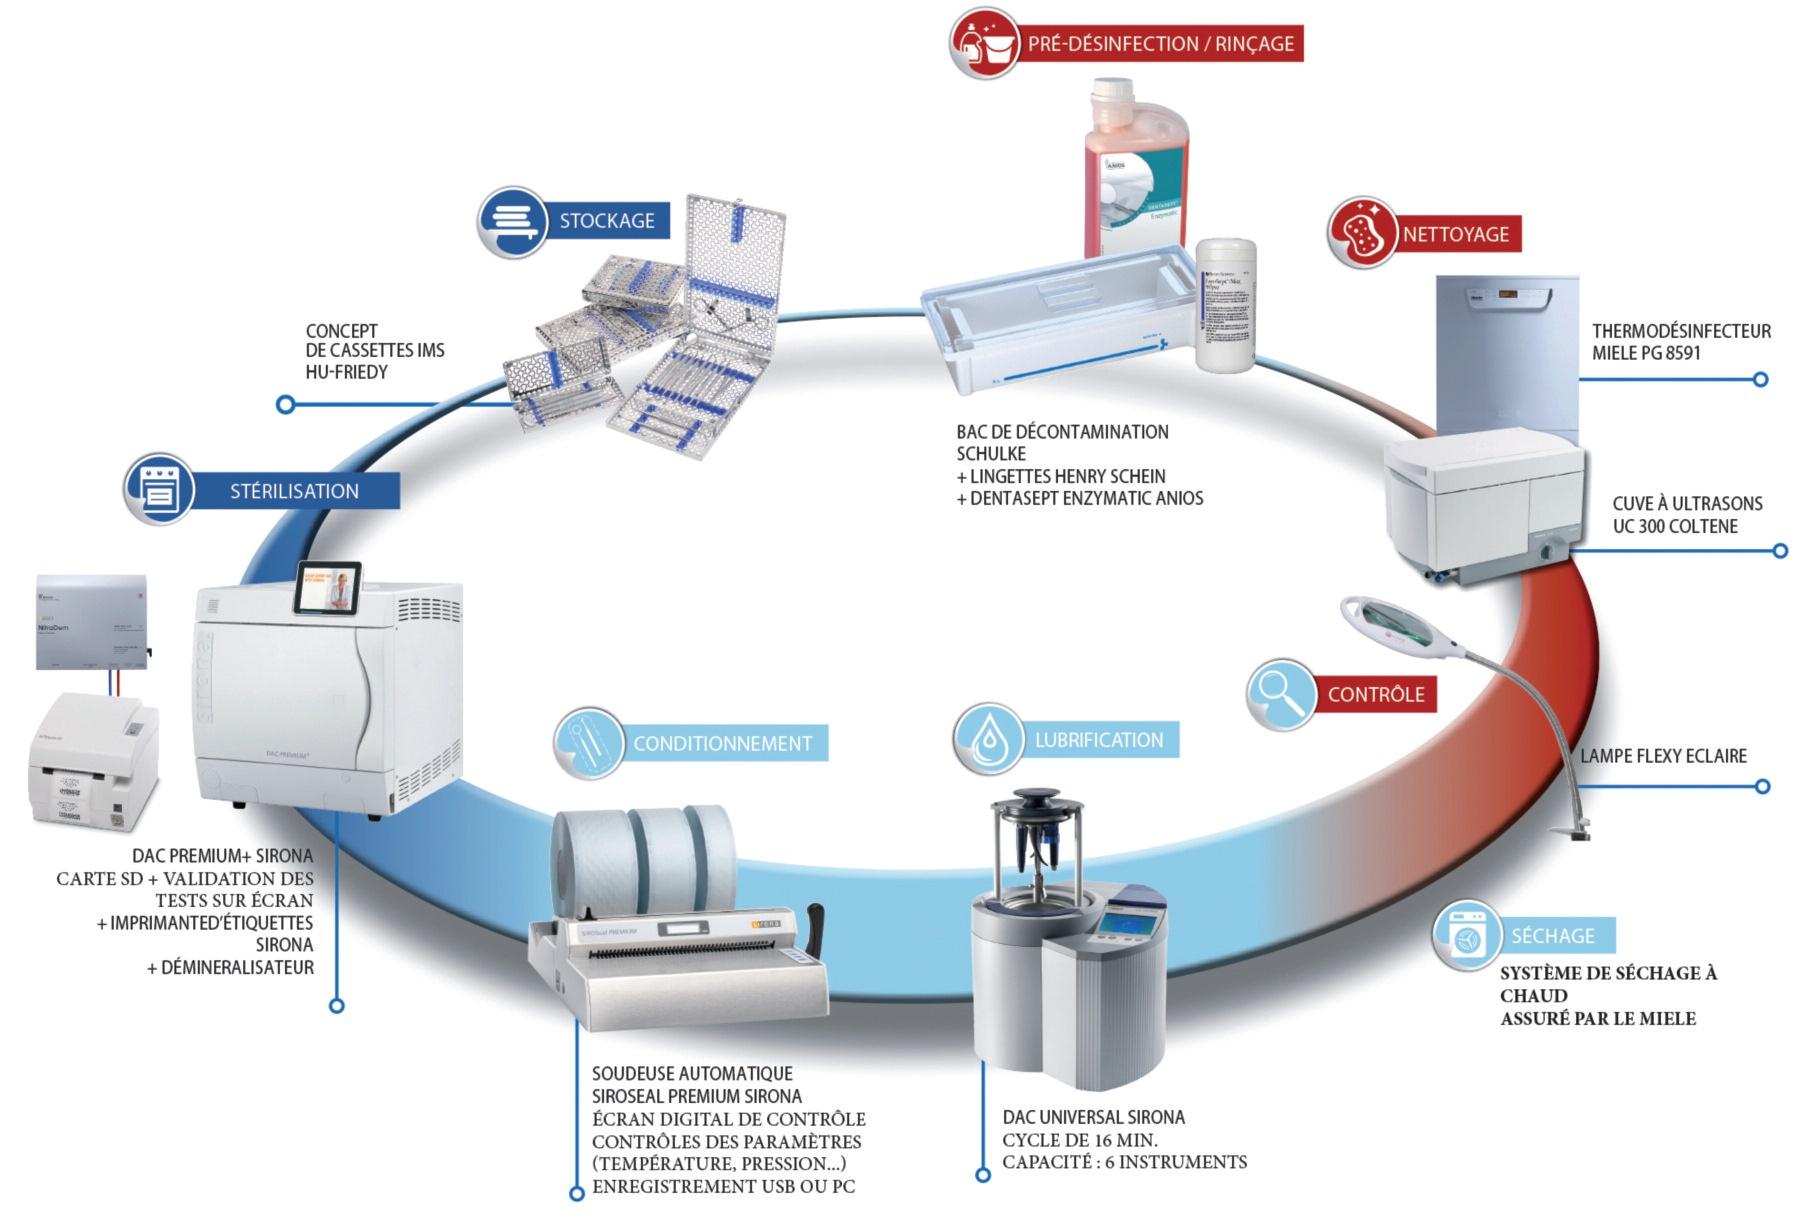 Le cabinet implantologie